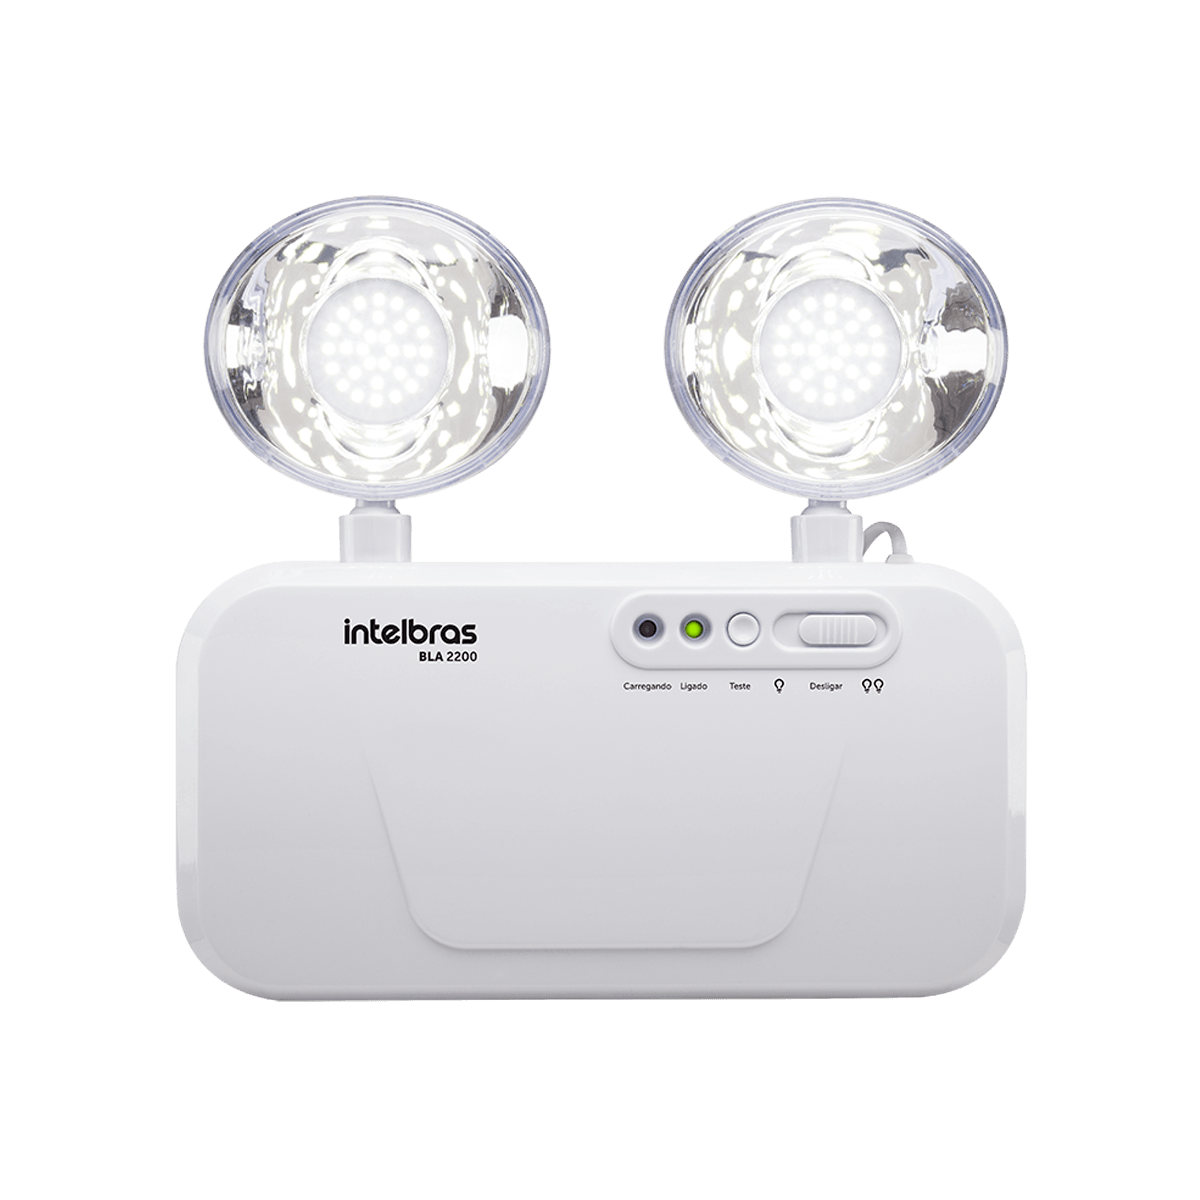 Bloco de Iluminação Autônomo Intelbras BLA 2200